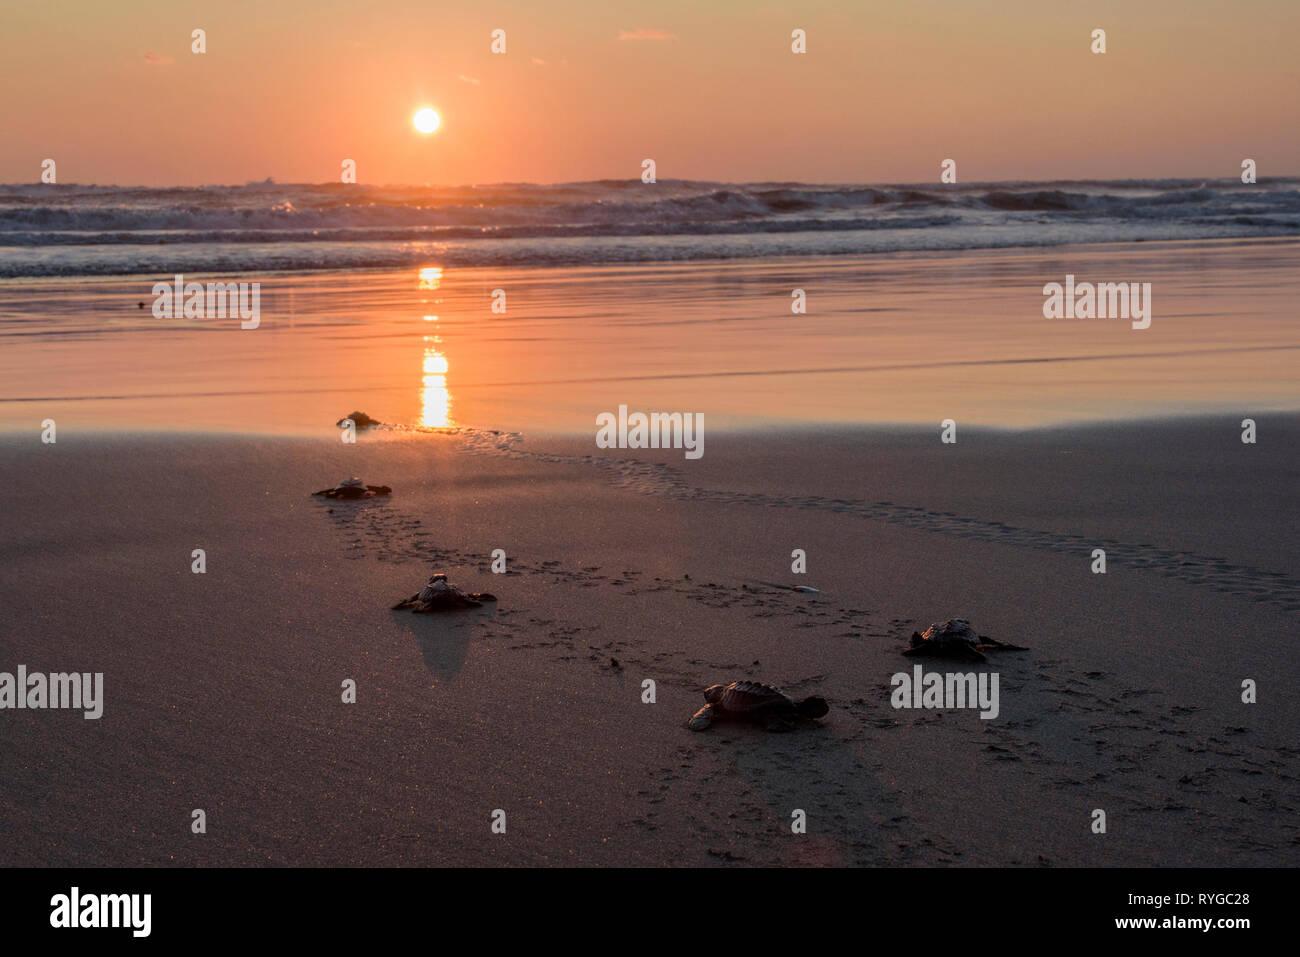 Cada año miles de tortugas desovan en costas de Guerrerenses y al atardecer cuando cae el sol las tortugas encuentran su camino al nacer y en esos pas - Stock Image